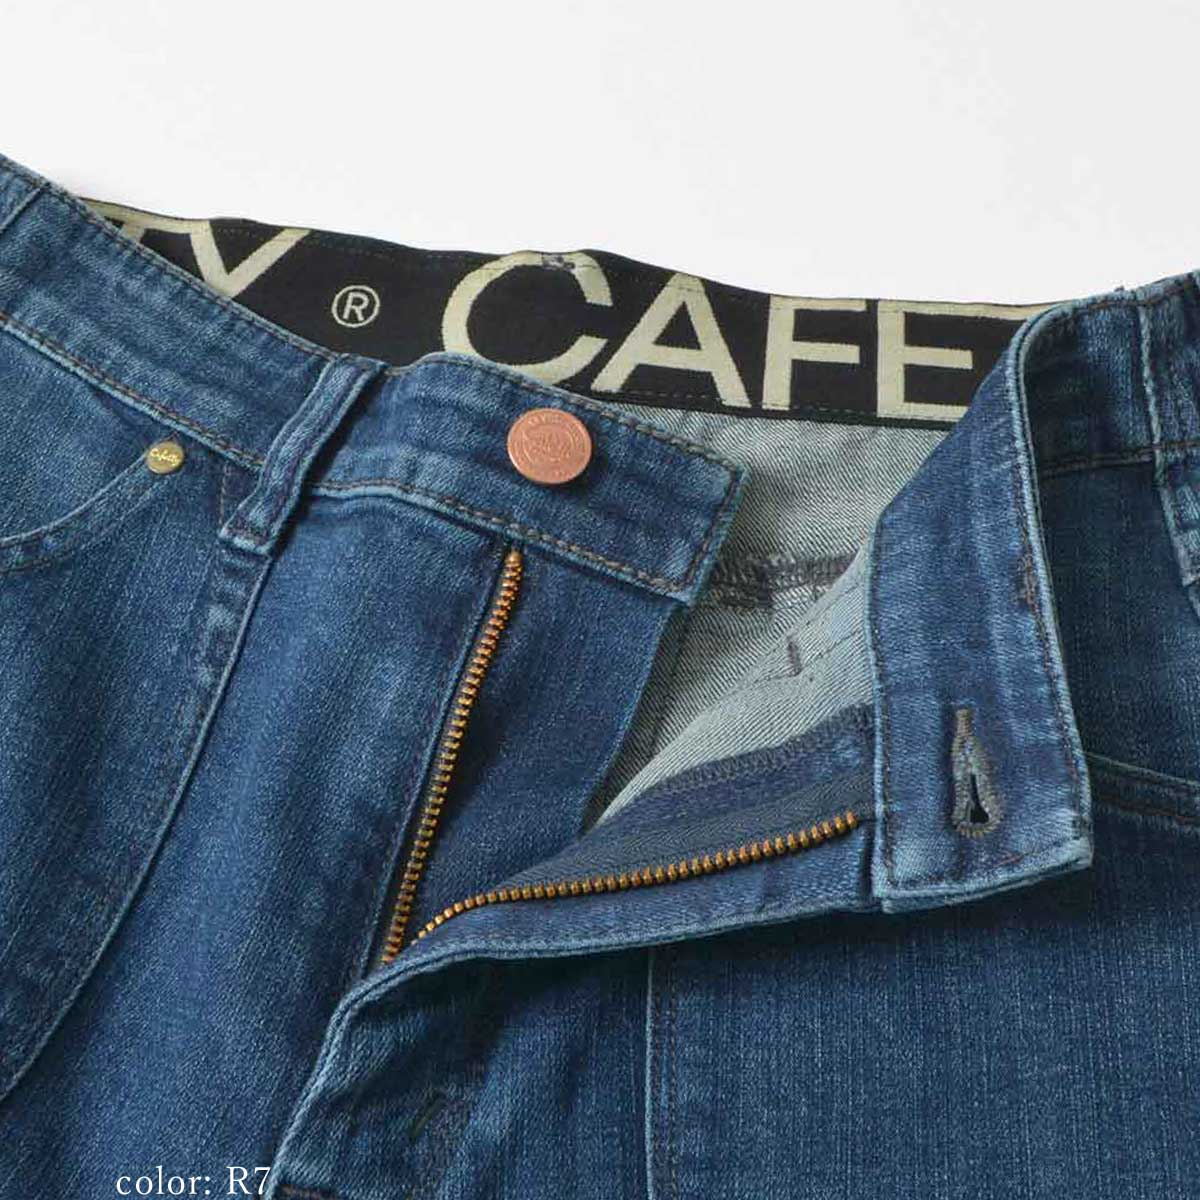 Cafetty CFロゴガーデンスキニー CF0365